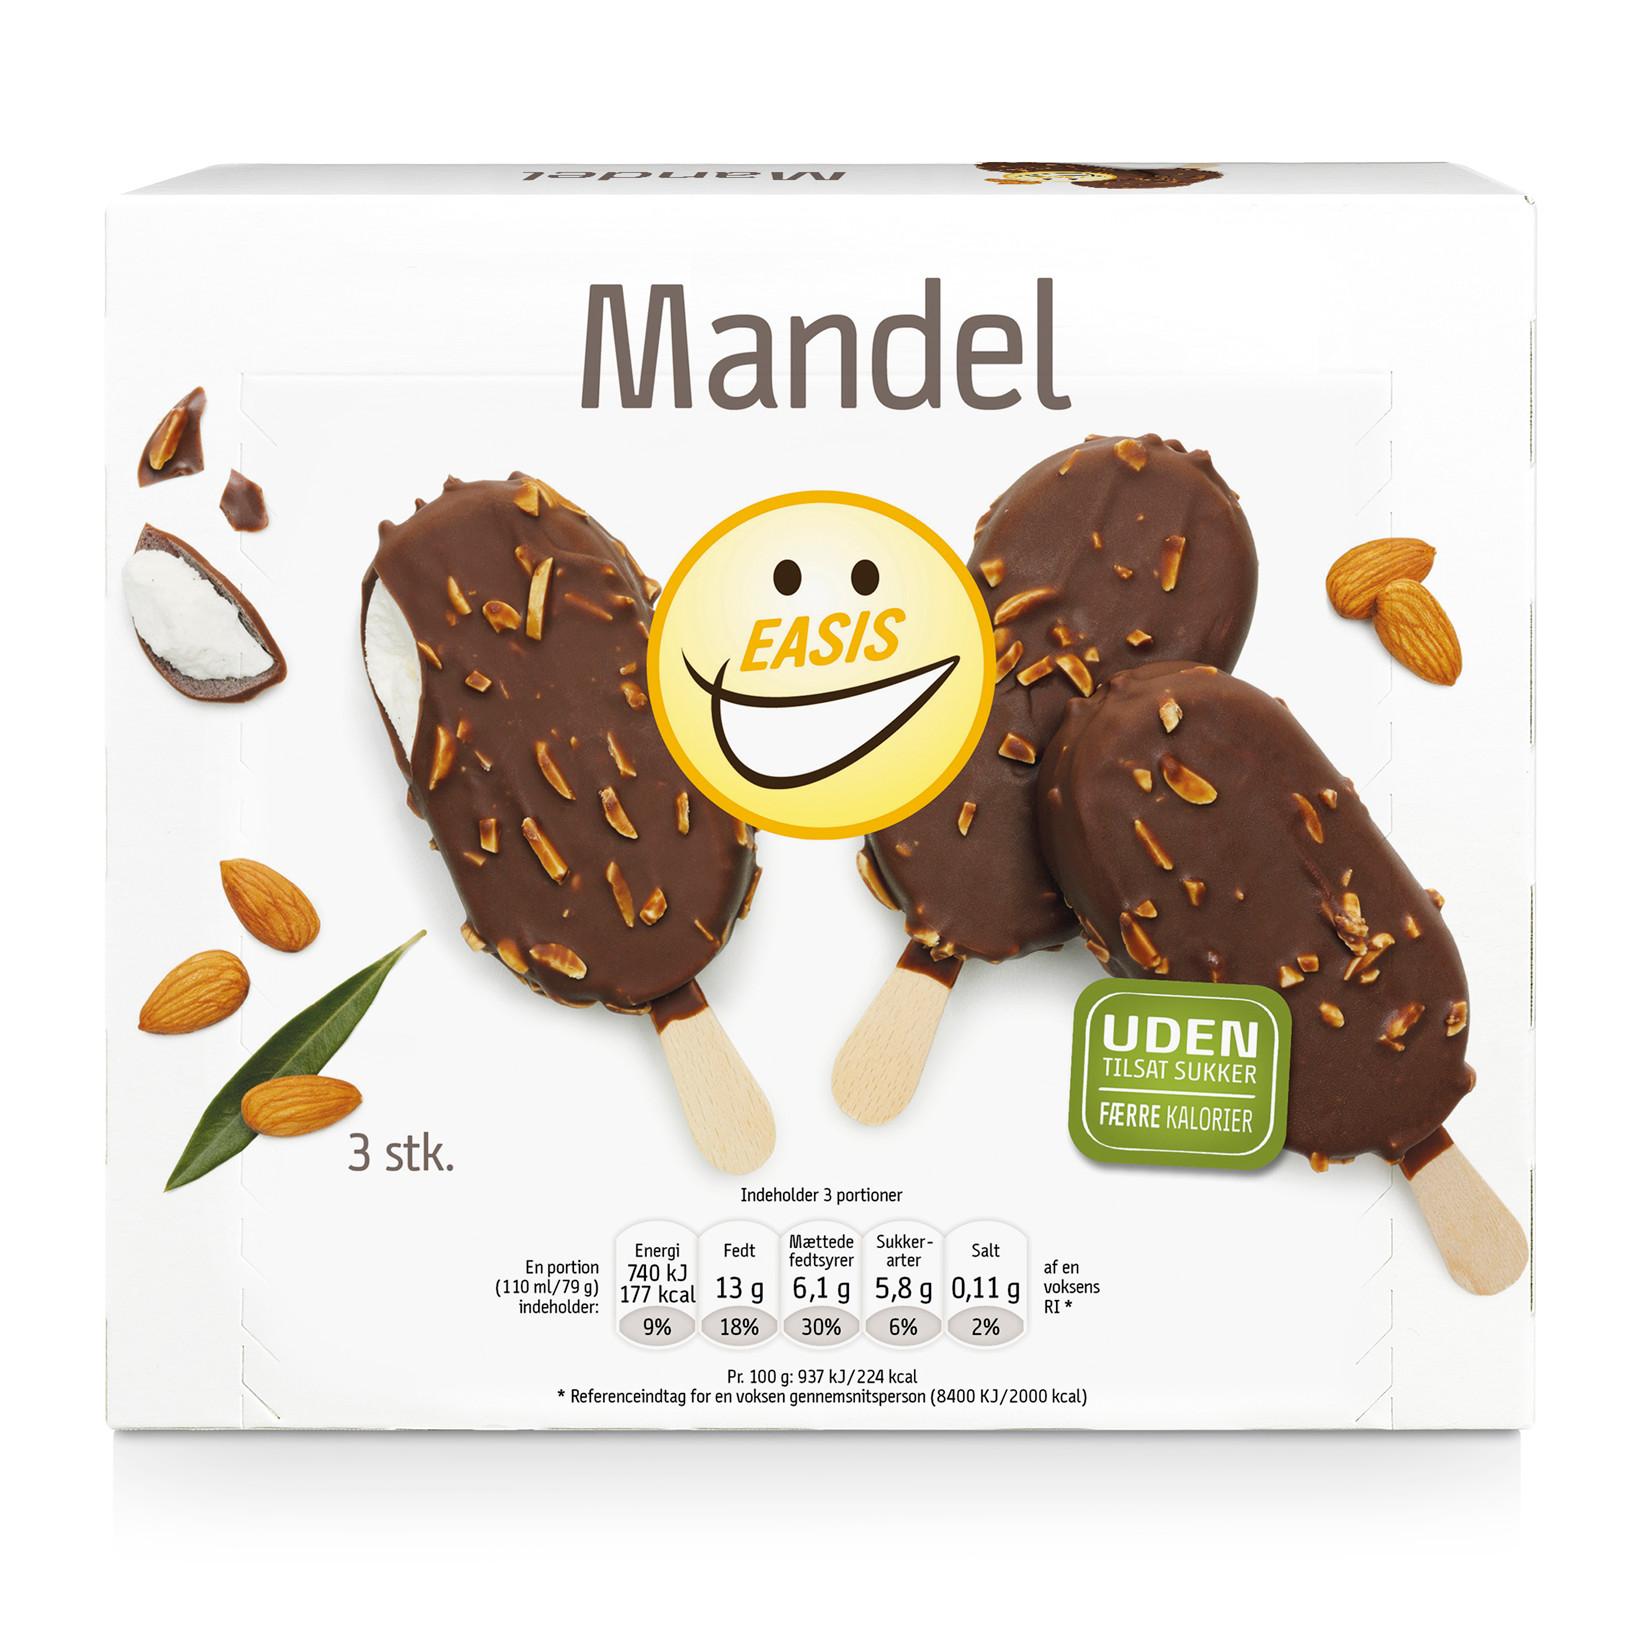 EASIS Mandelis 3 stk.